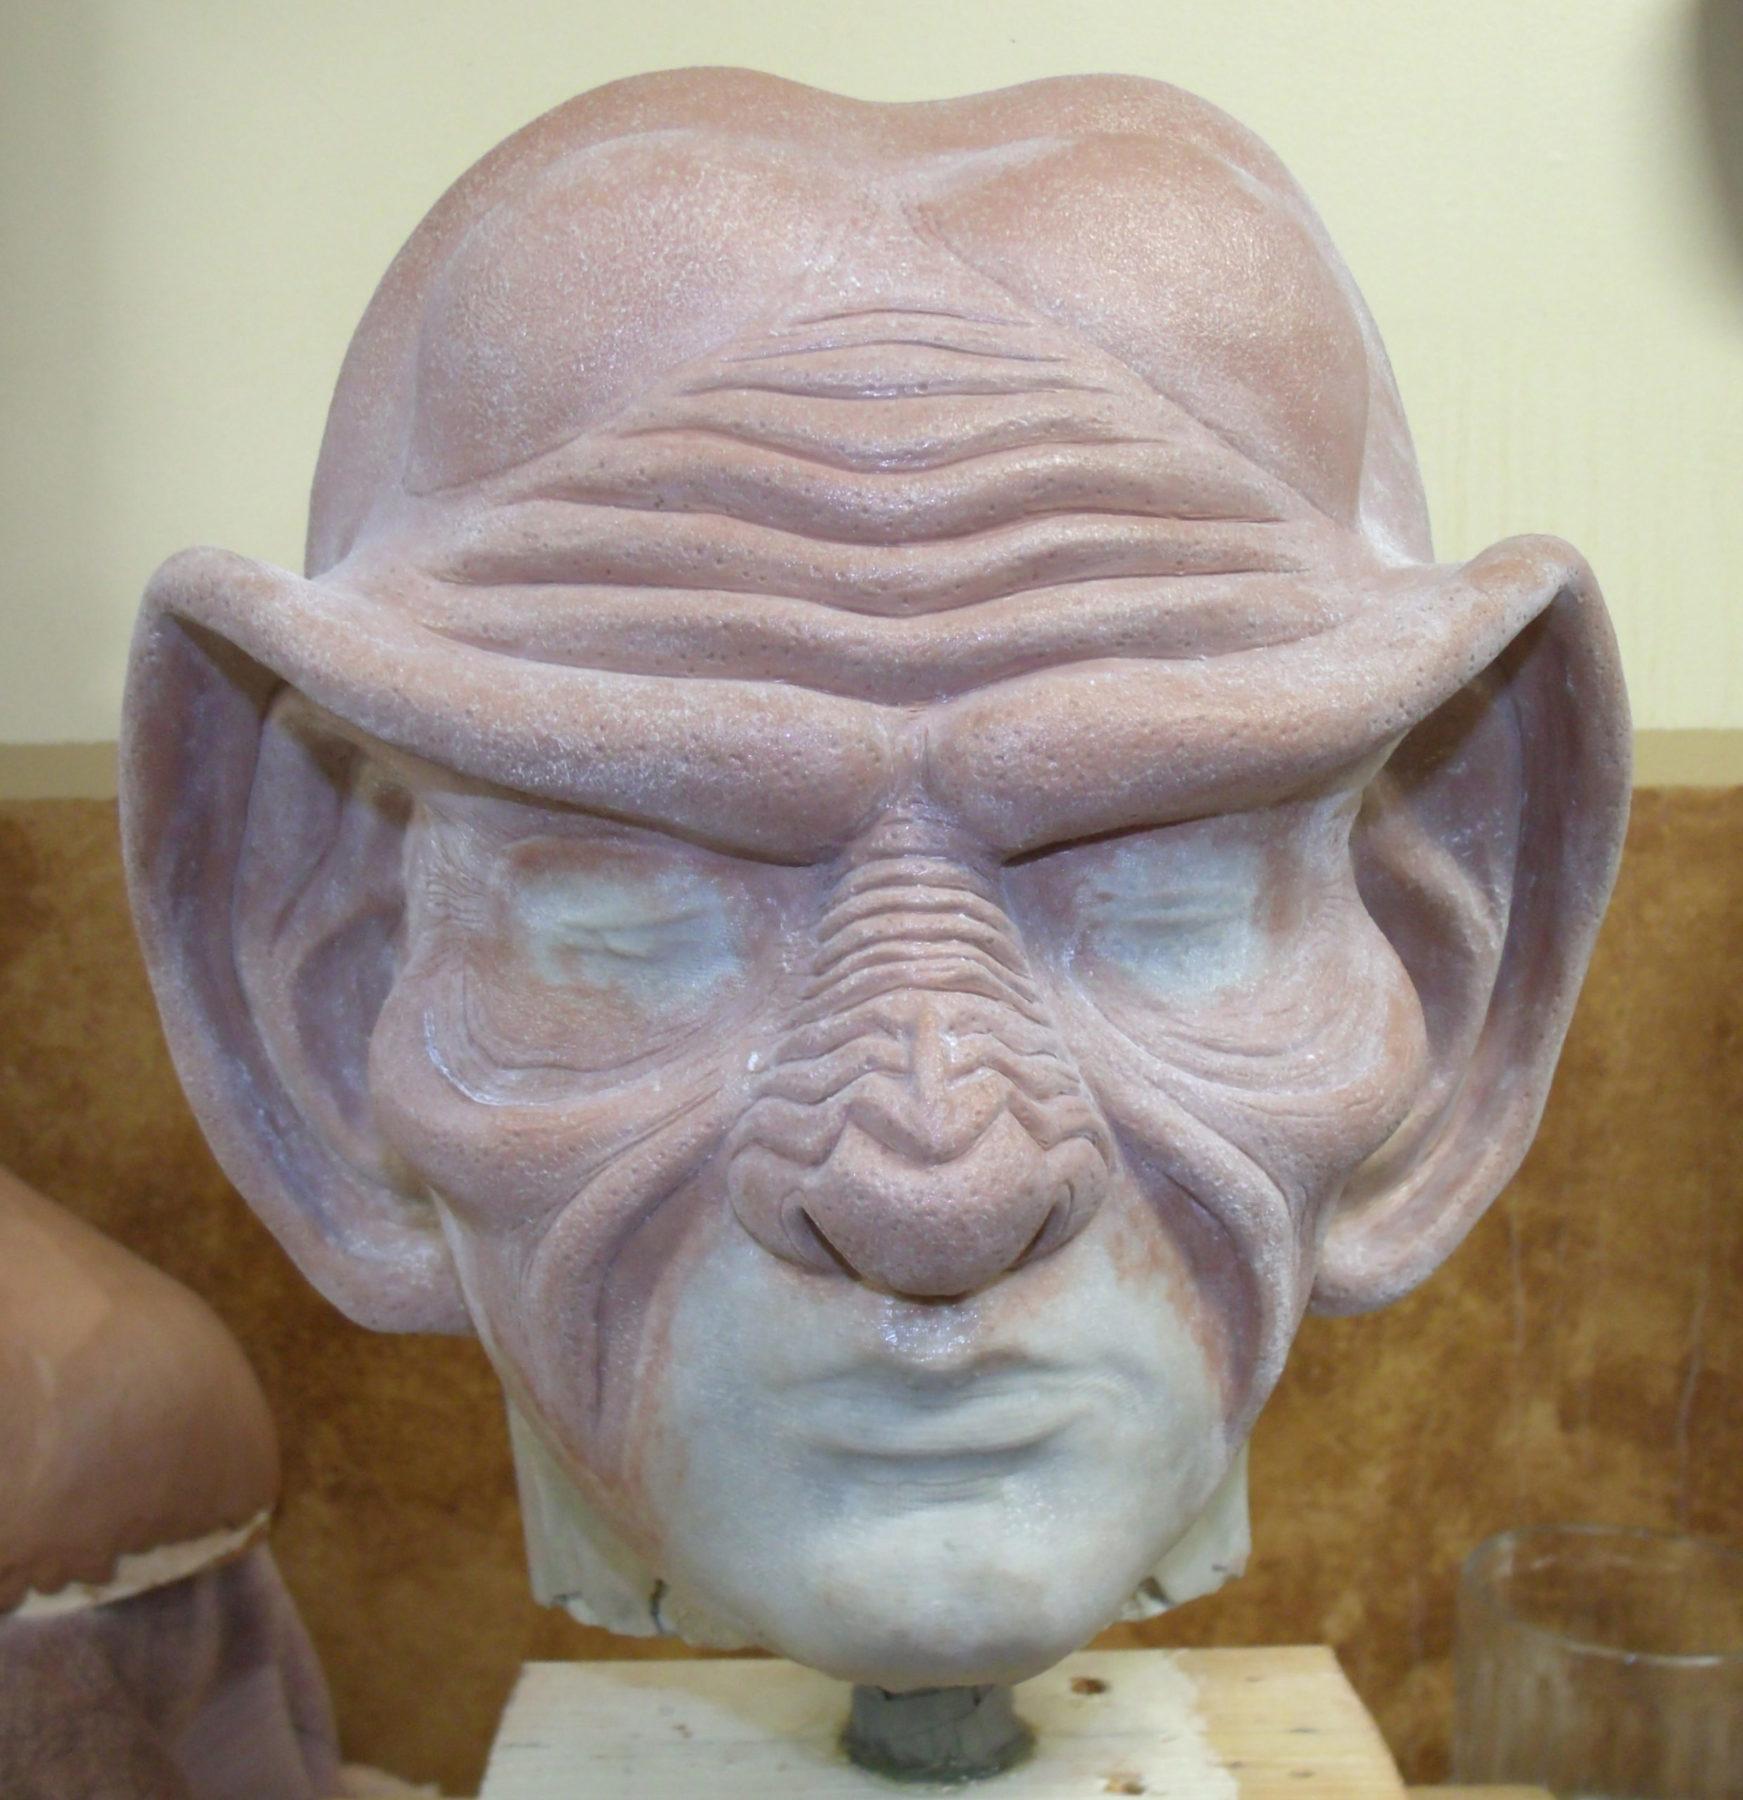 Ferengi sculpture